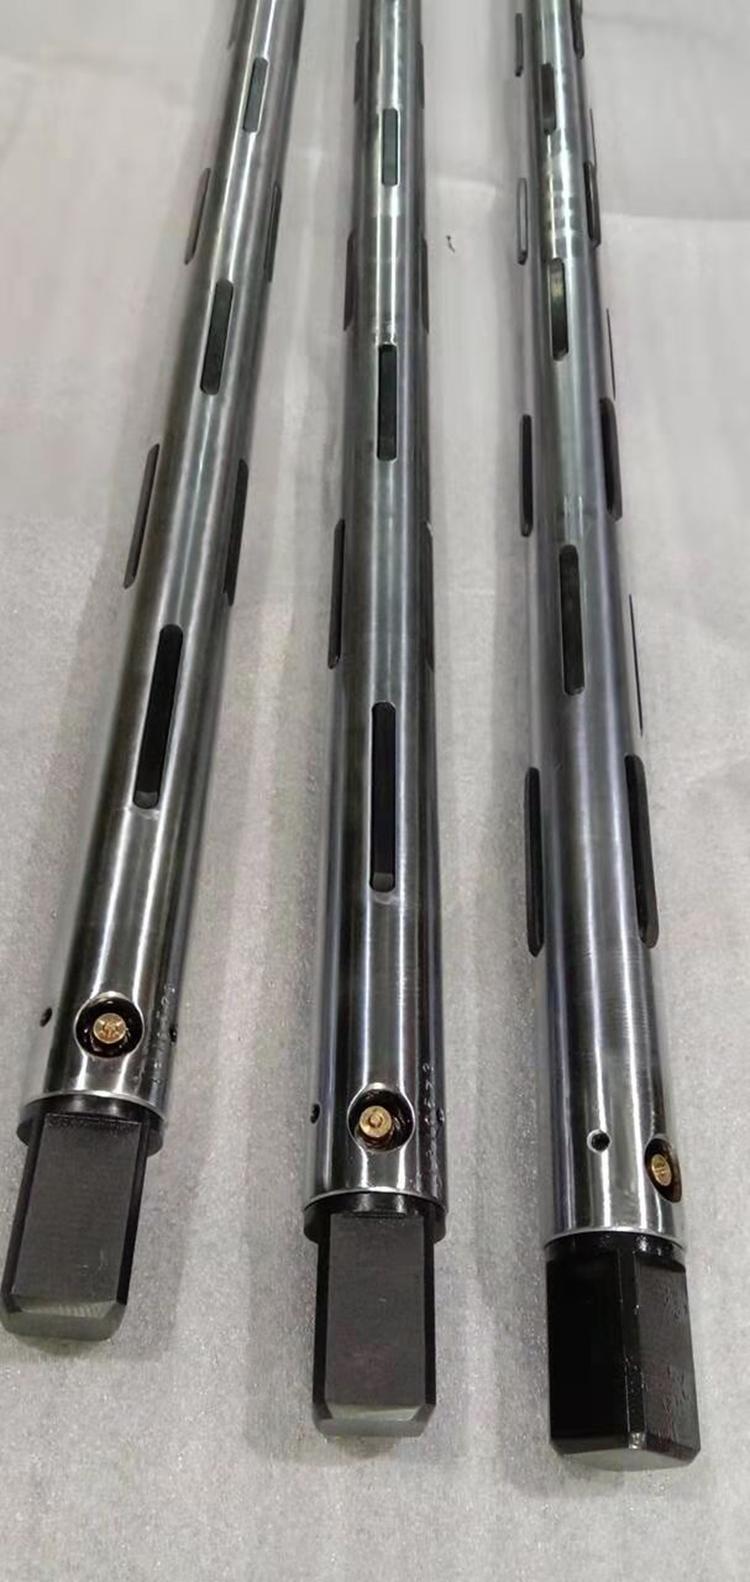 小型气胀轴批发厂家_燊泰机电_板式_板片式_3寸板式_键式